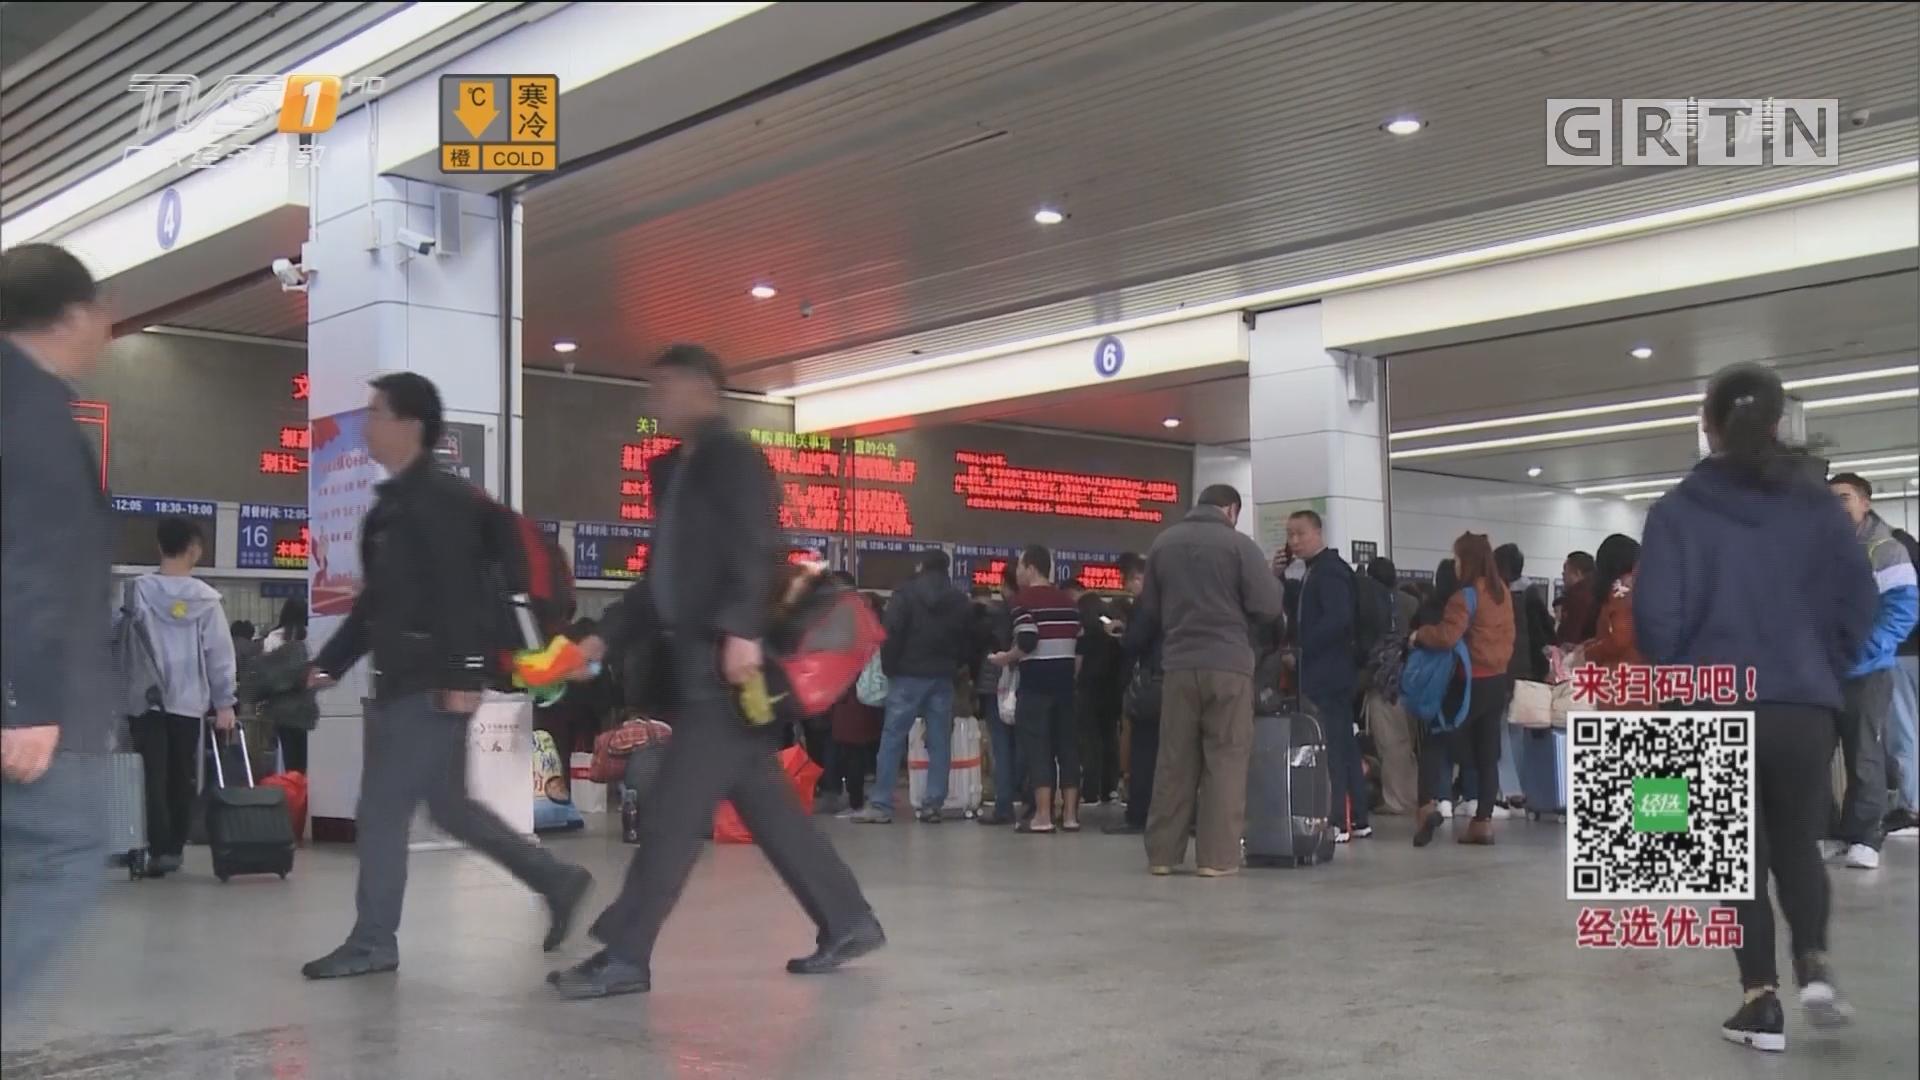 新闻现场:铁路交通受寒潮影响较小